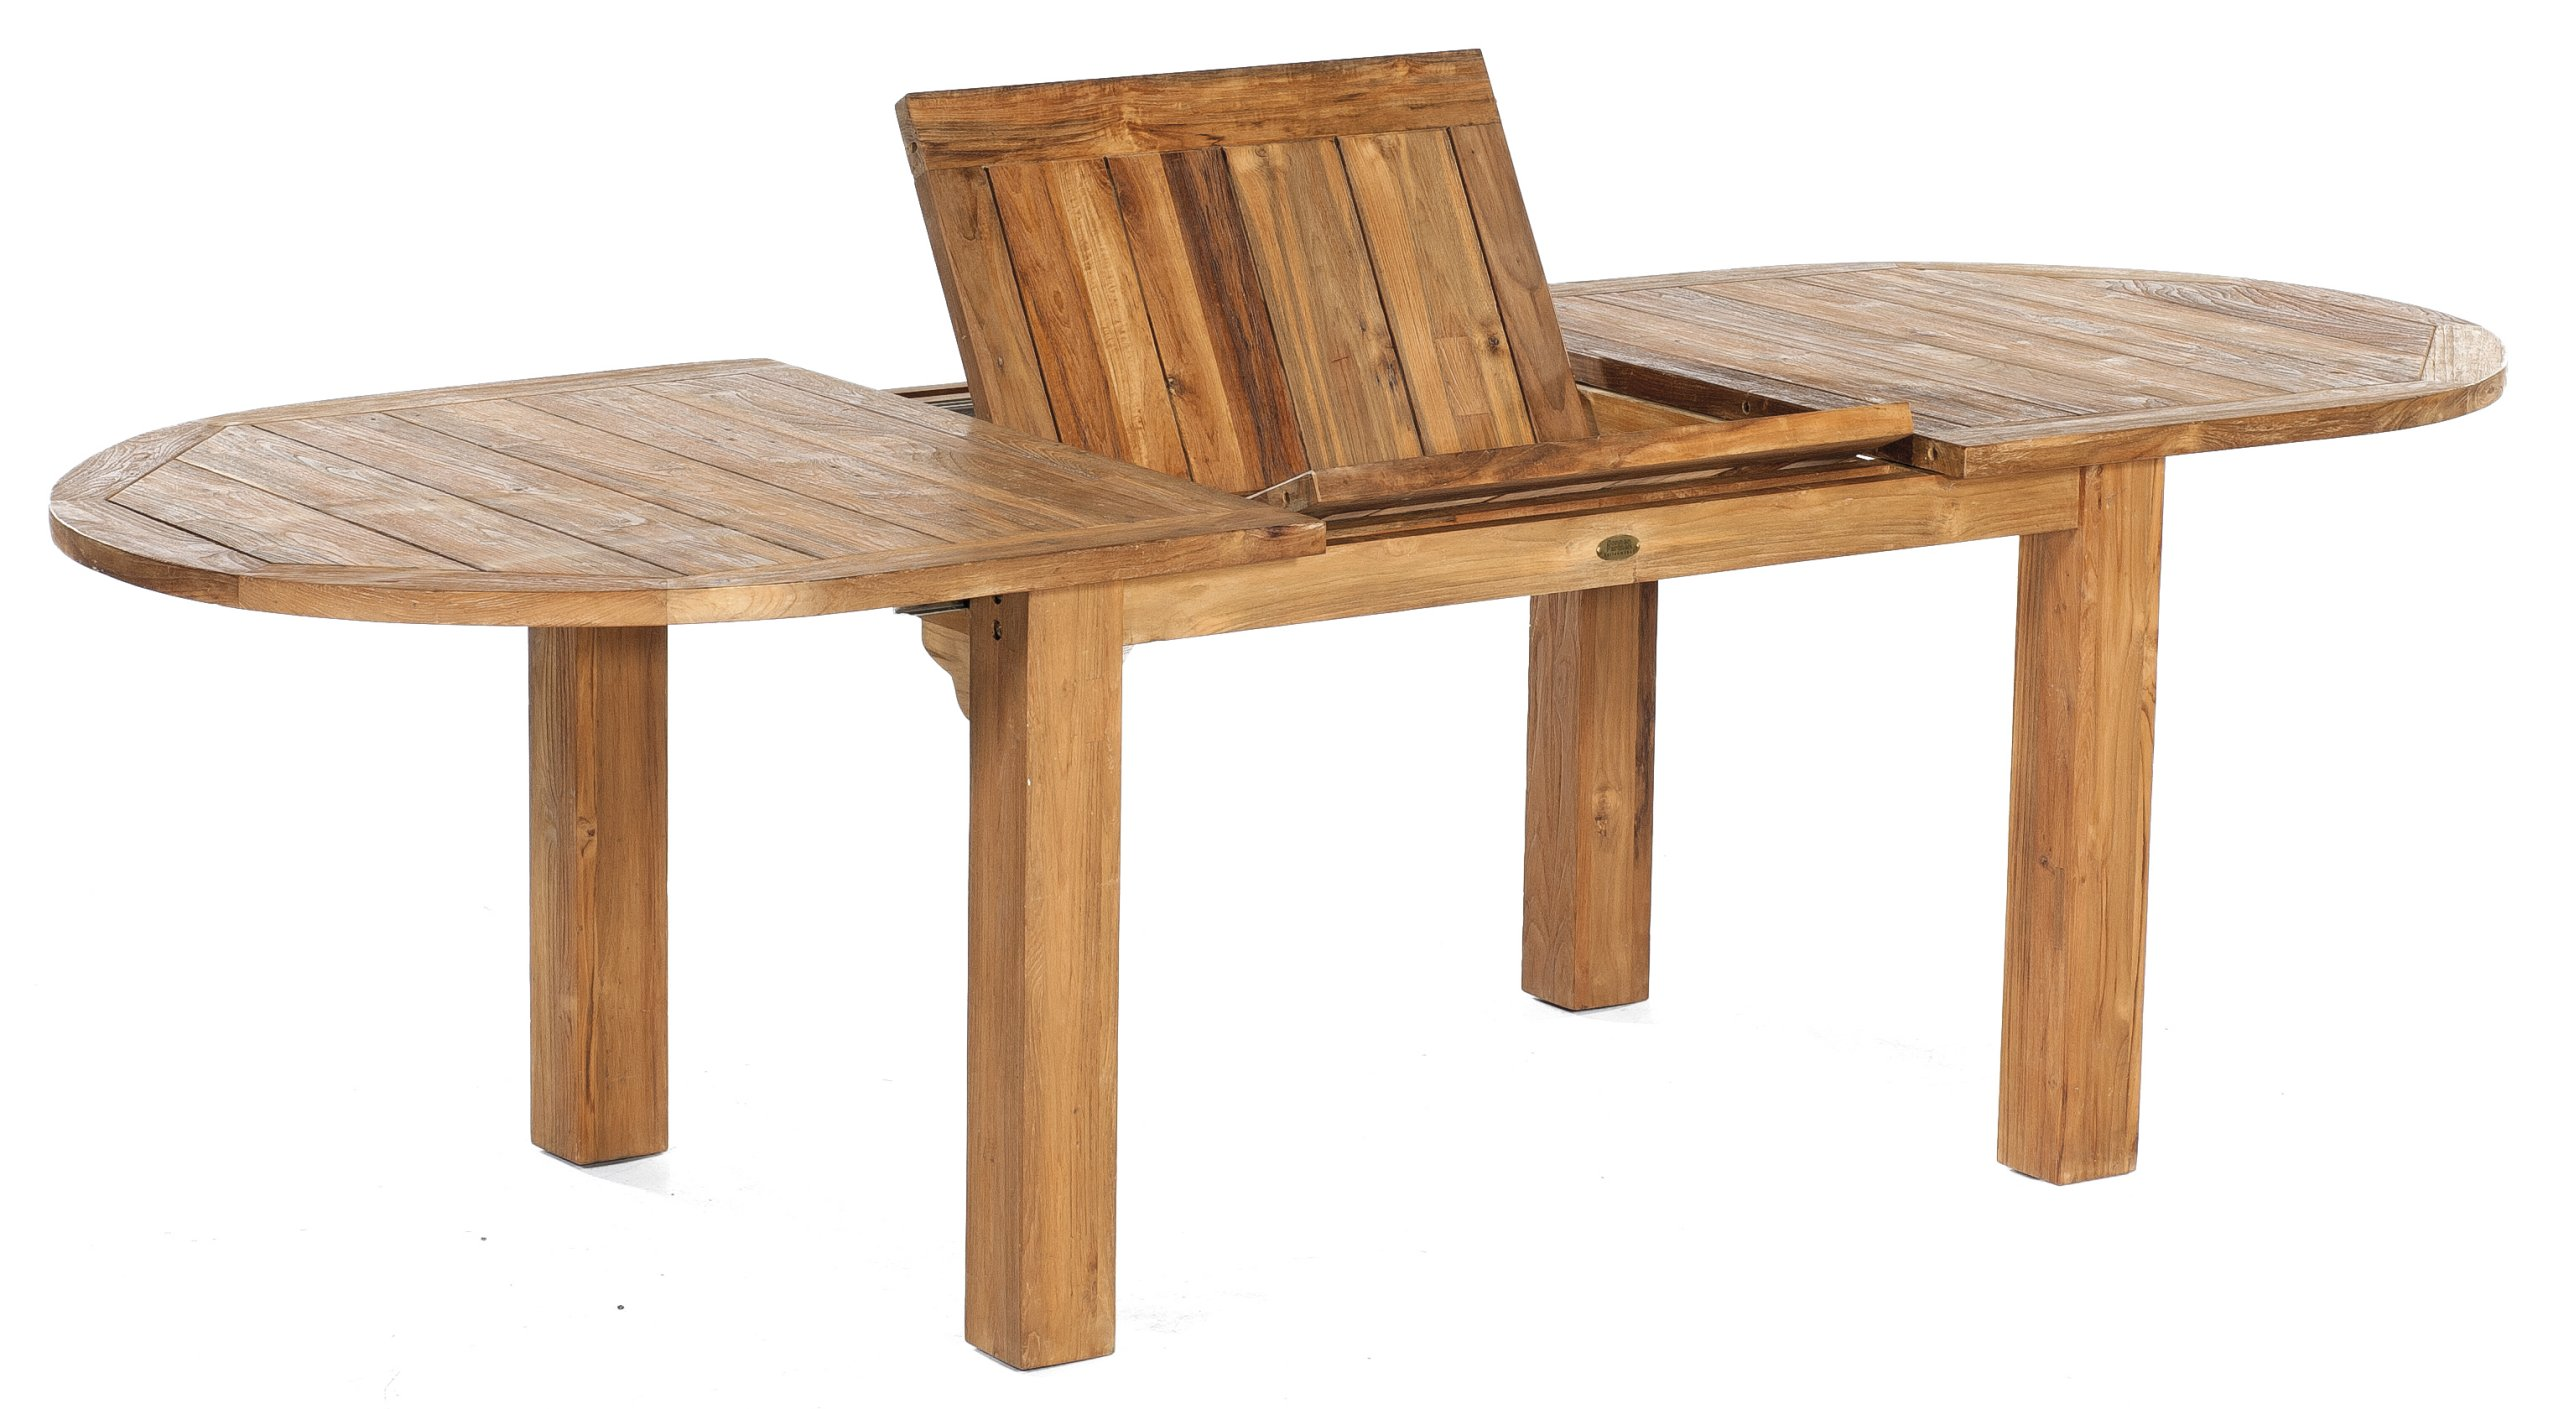 Wetterfester Ausziehbarer Old Teak Gartentisch Mit Ovalformiger